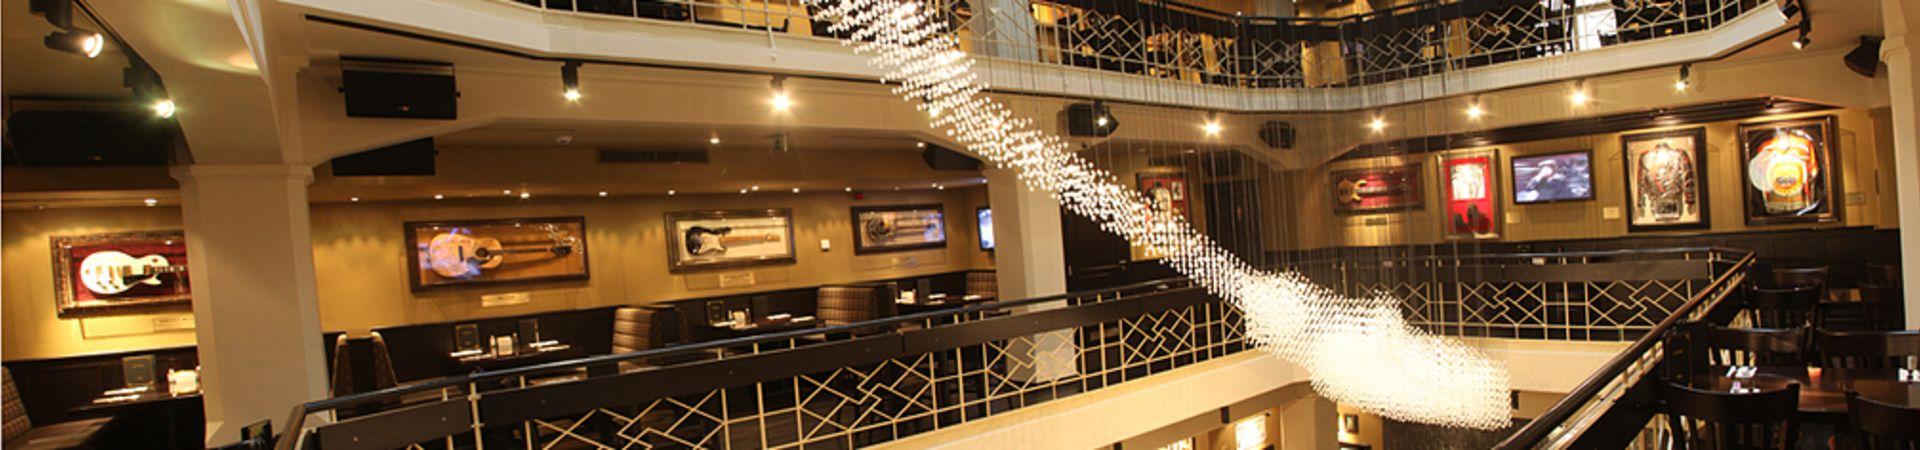 Hard Rock Cafe Praha - 1.patro Lounge + 1.patro Atrium